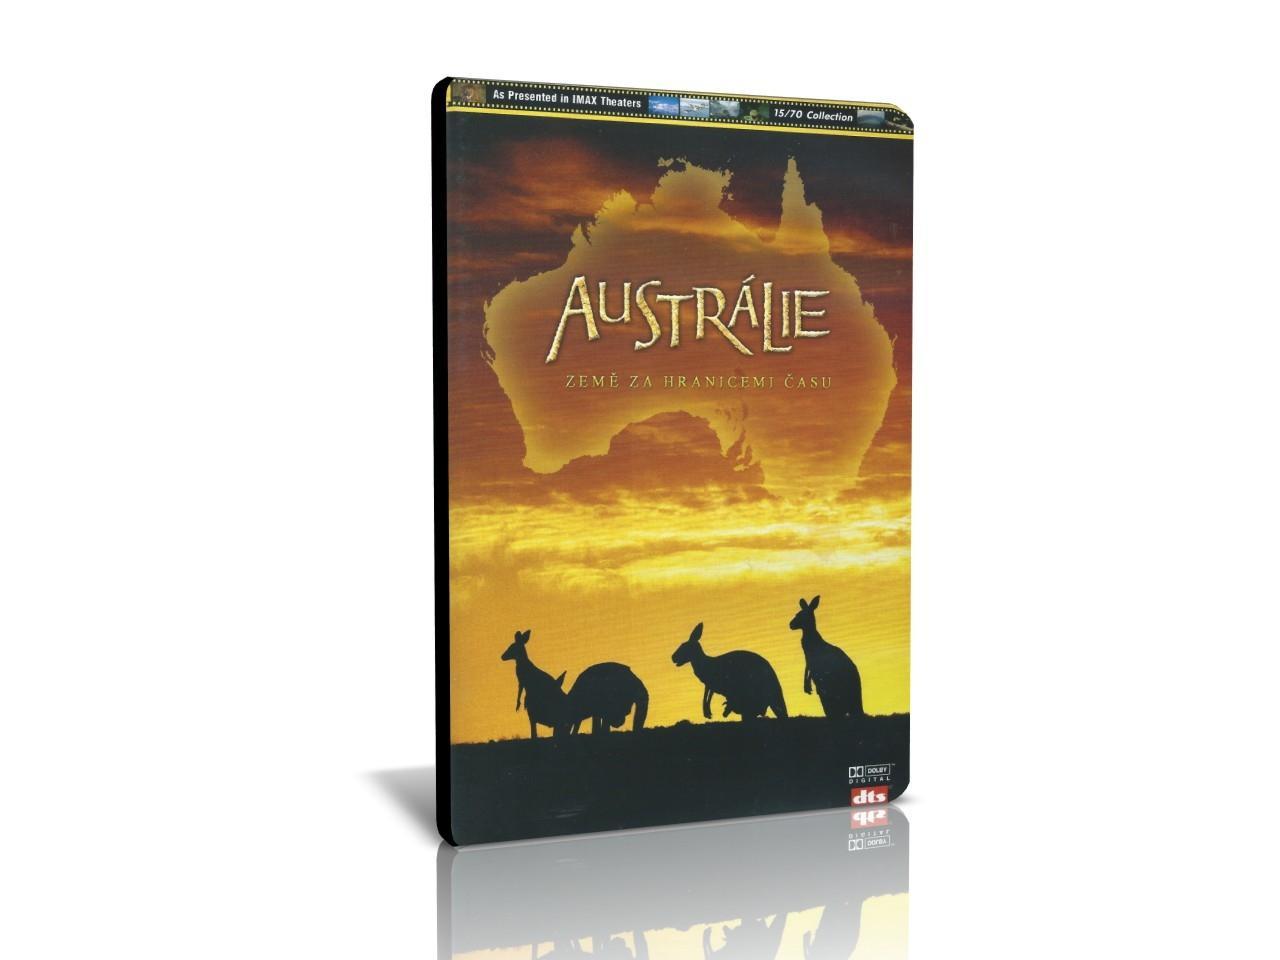 IMAX: Austrálie (DVD)